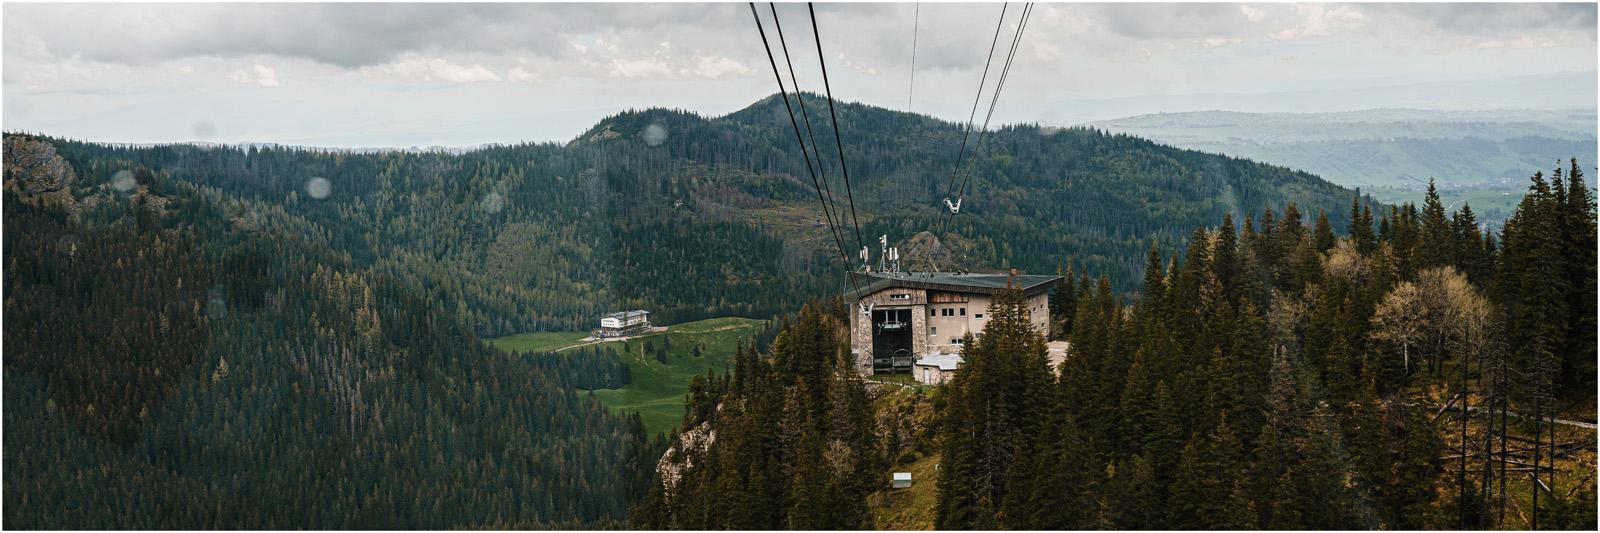 Amanda & Błażej | ślub i sesja w górach 87